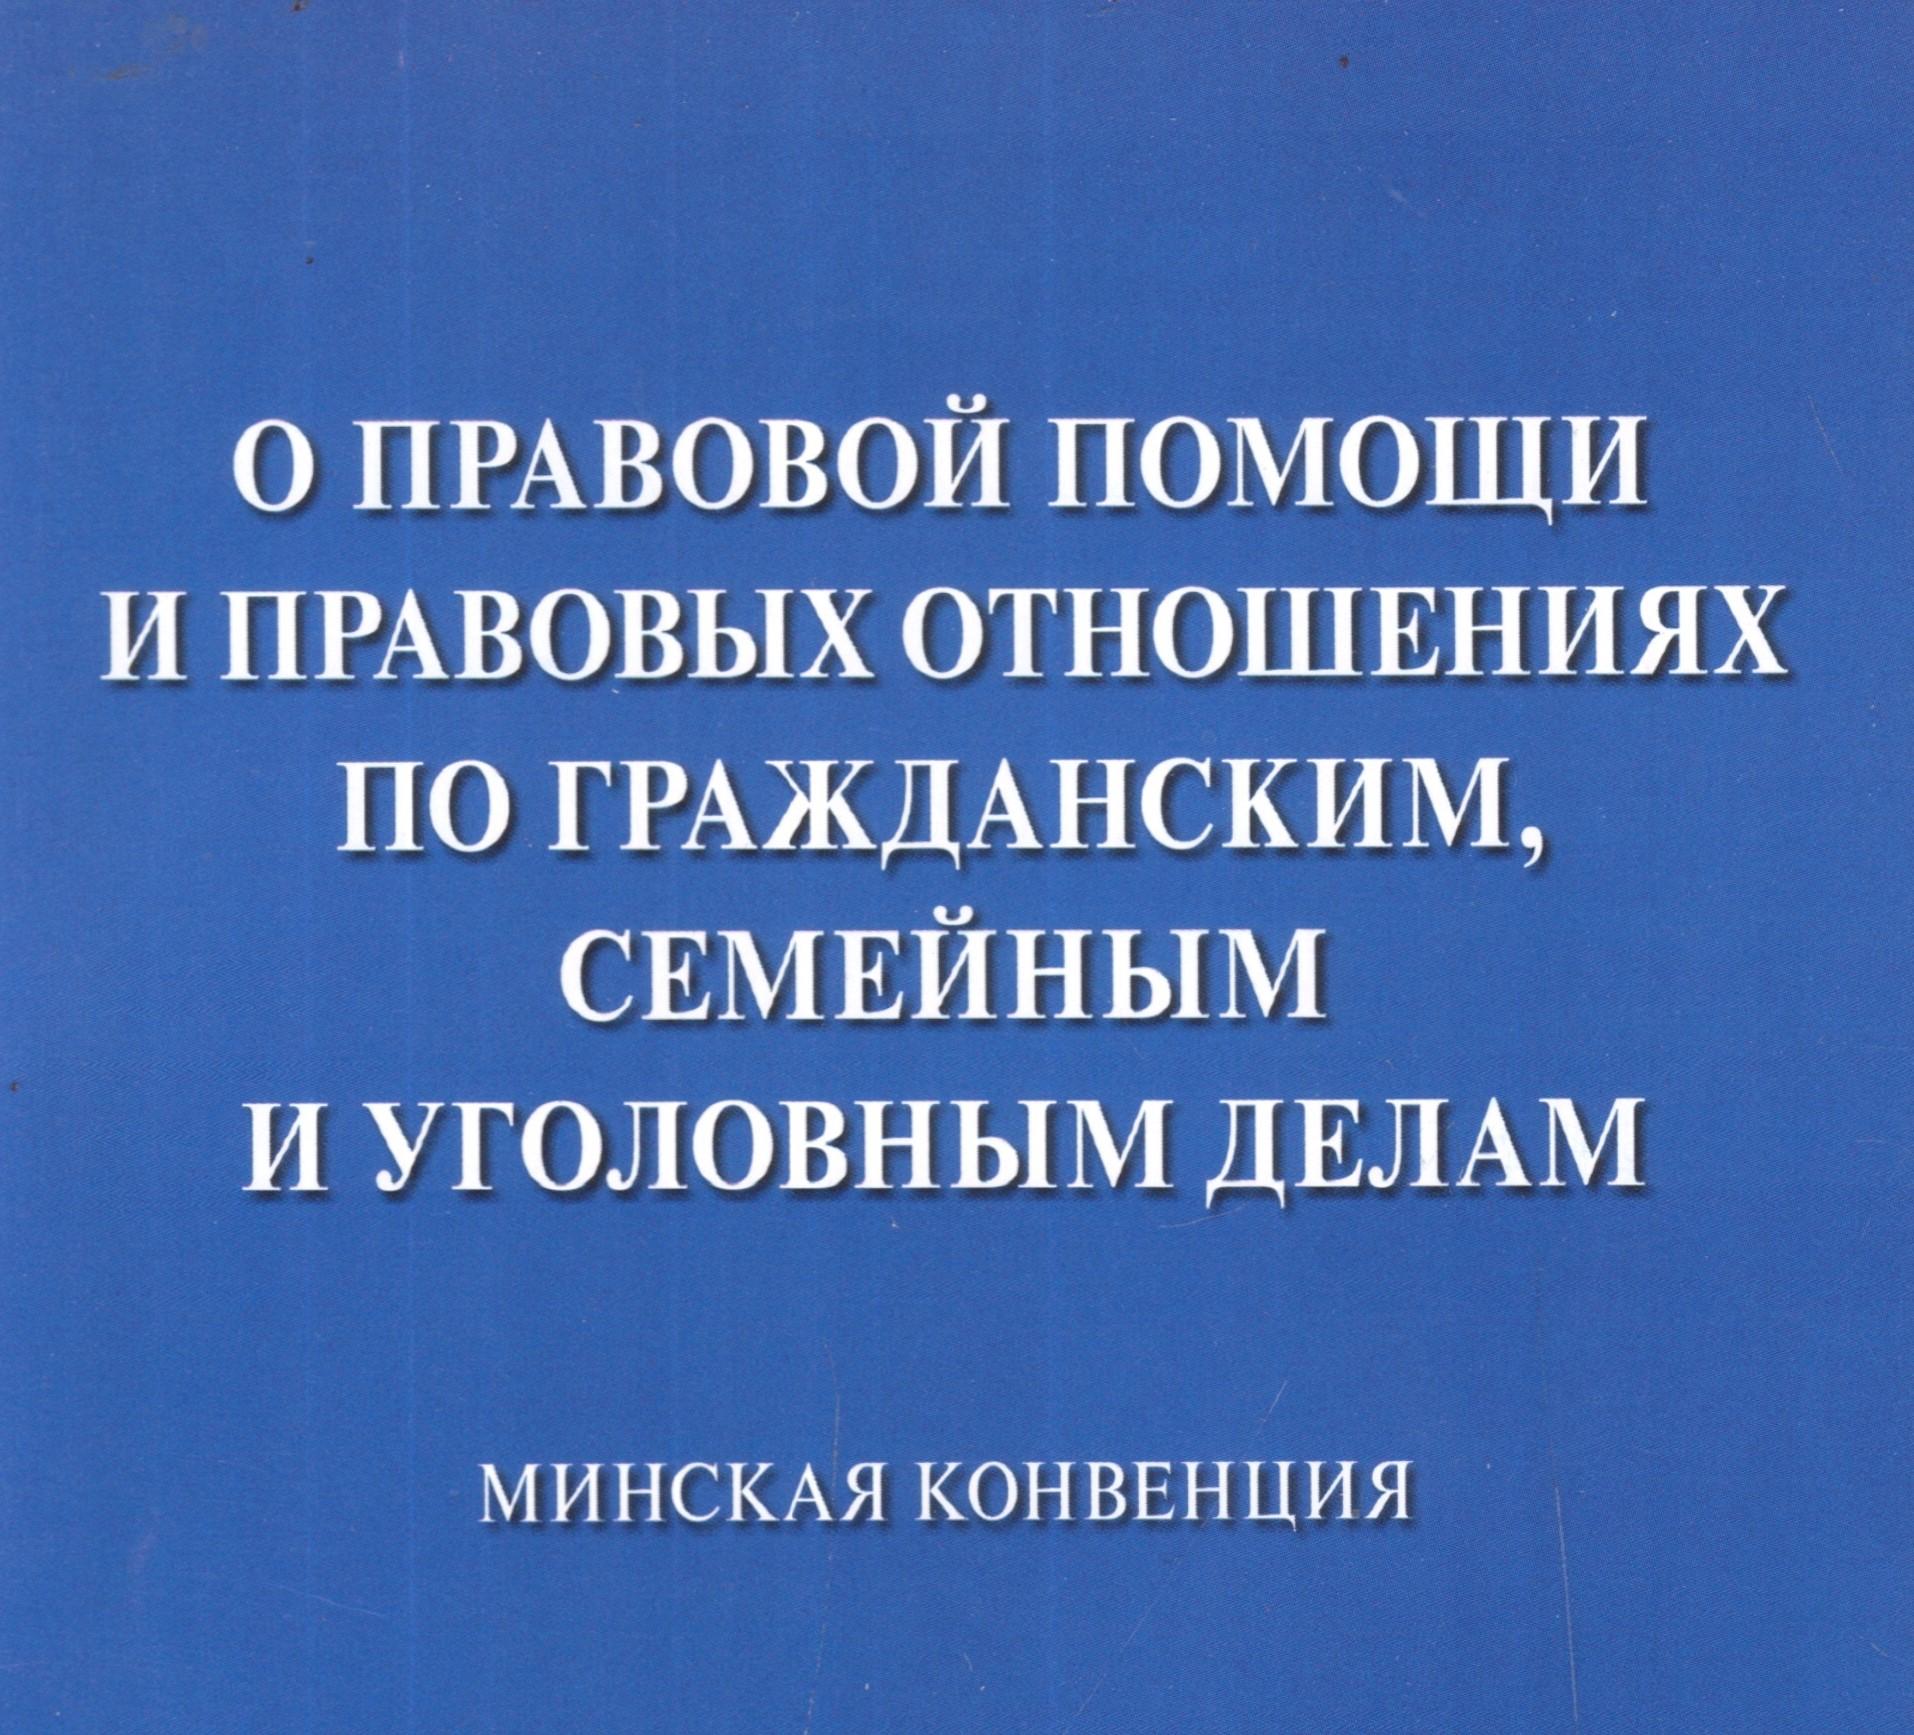 Министерством юстиции Кыргызской Республики разработан проект постановления Правительства Кыргызской Республики